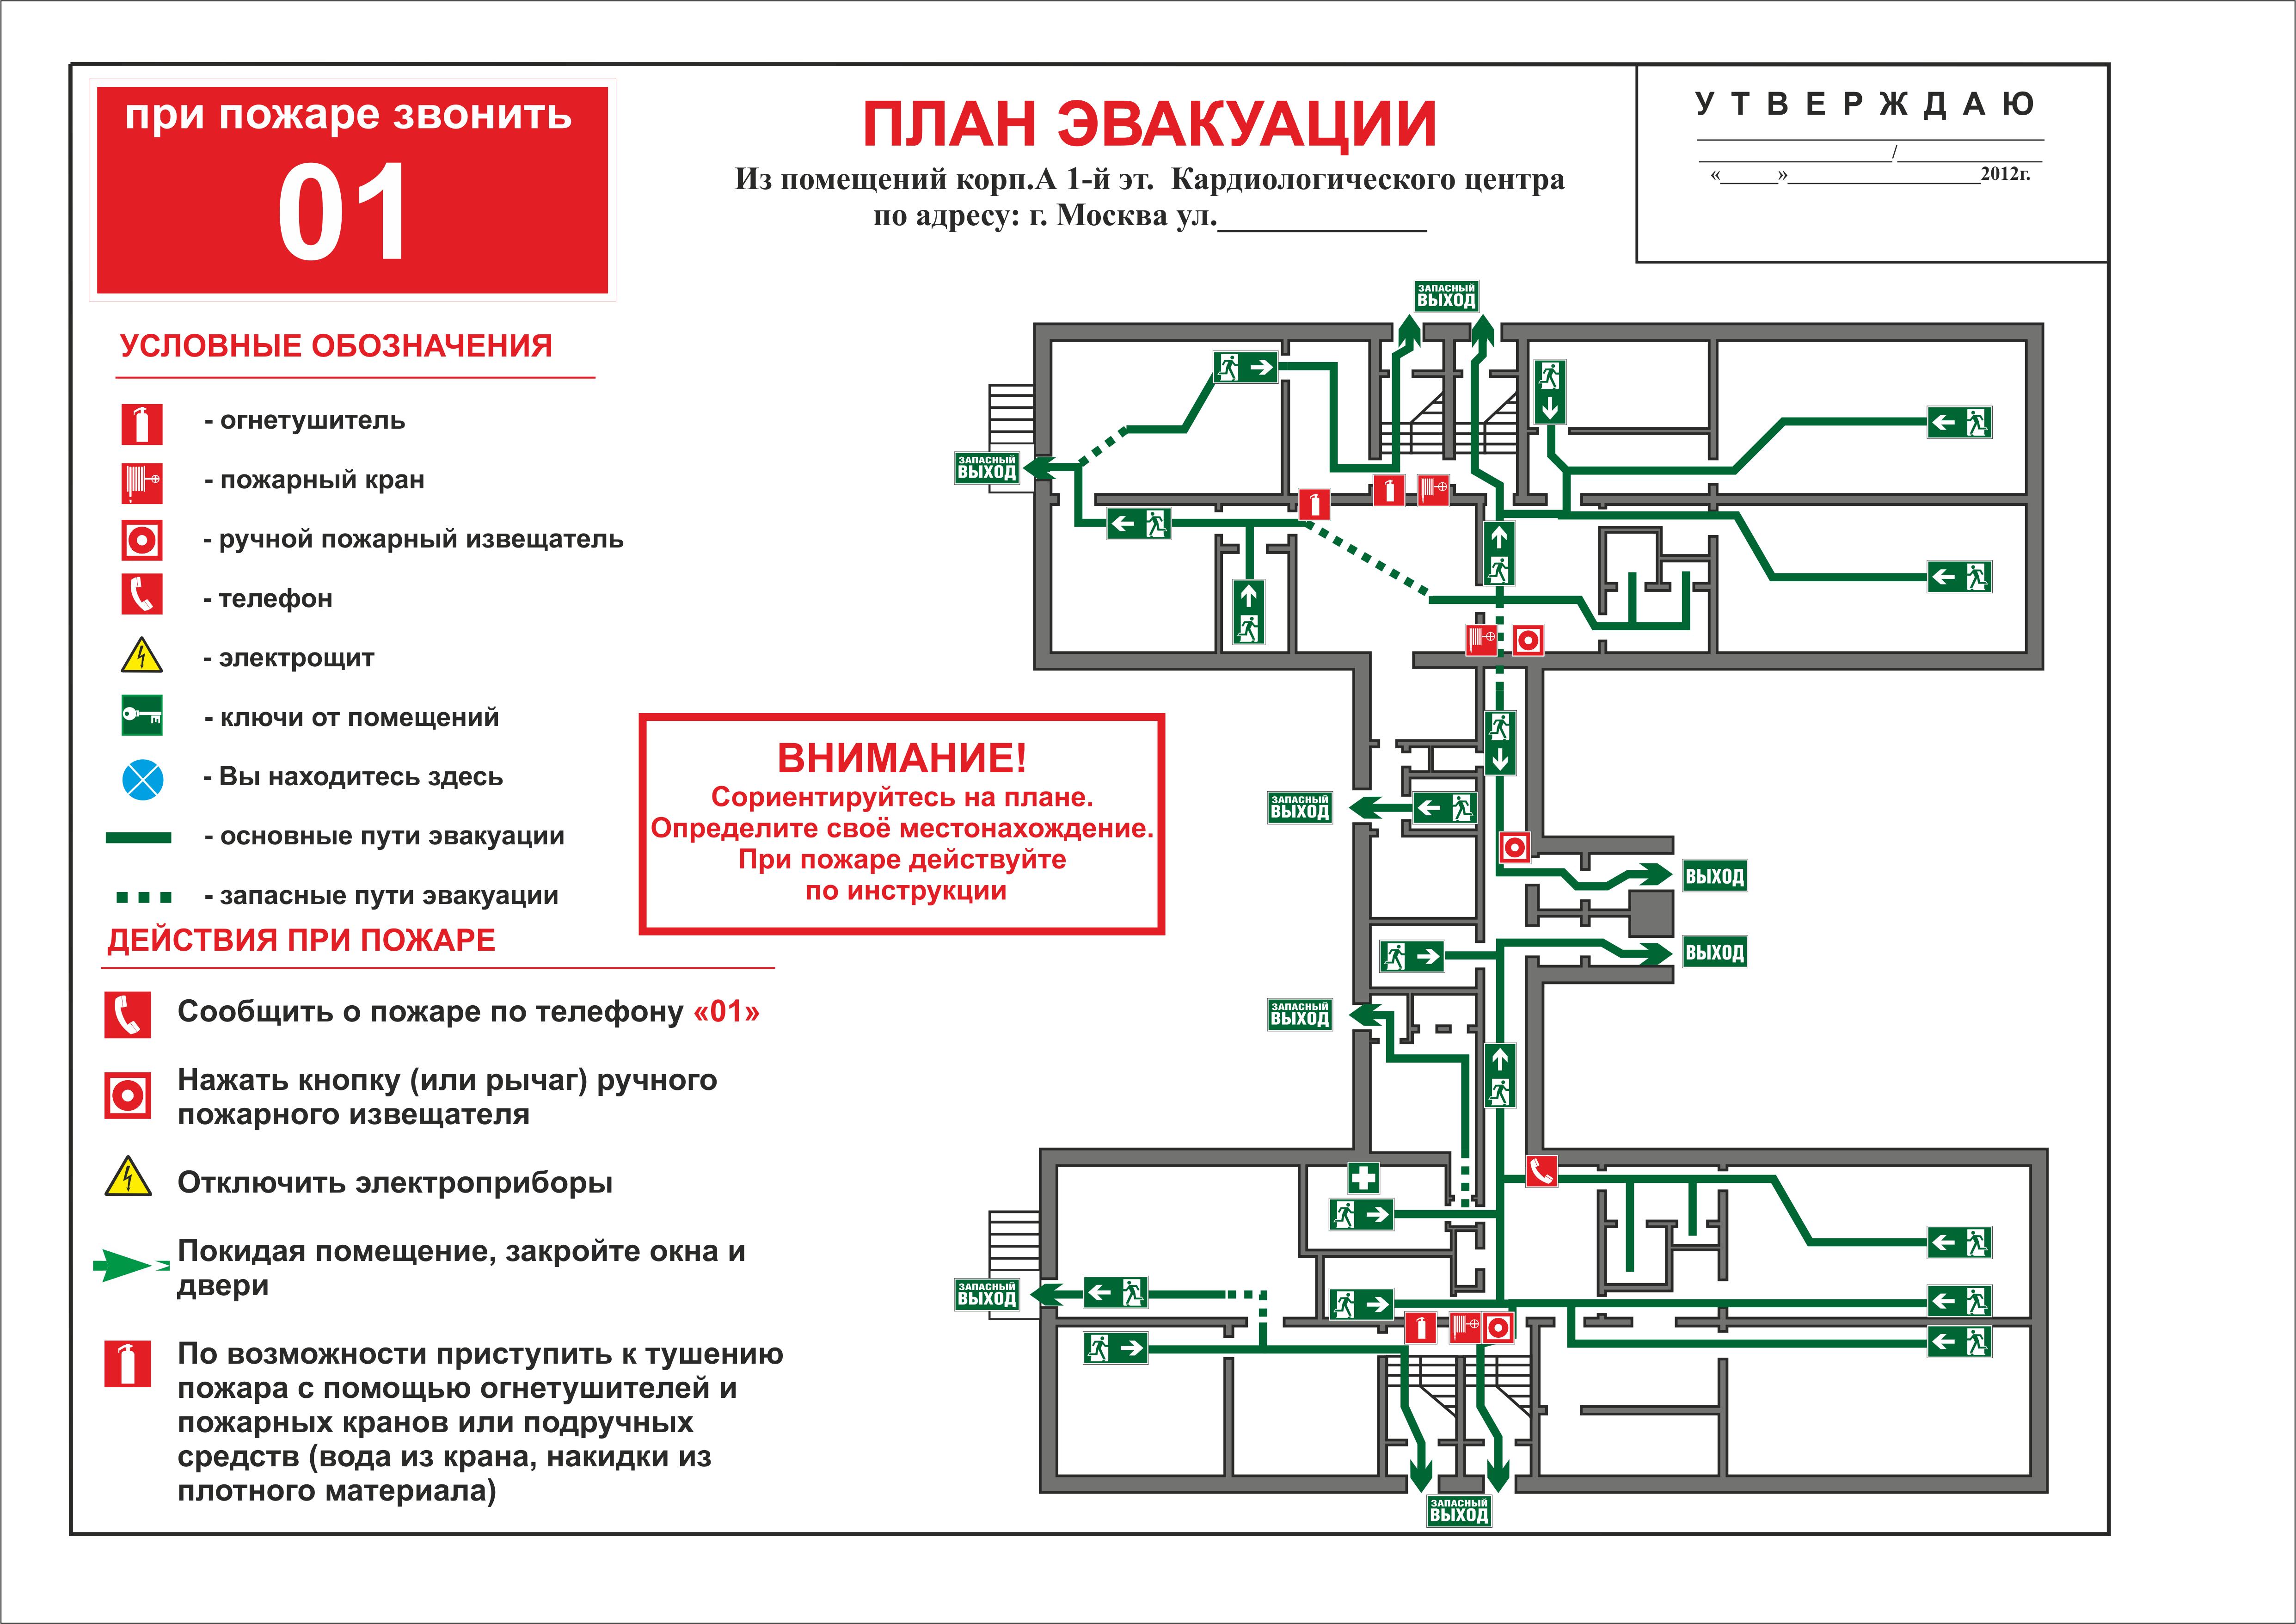 Шаблоны плана эвакуации при пожаре скачать